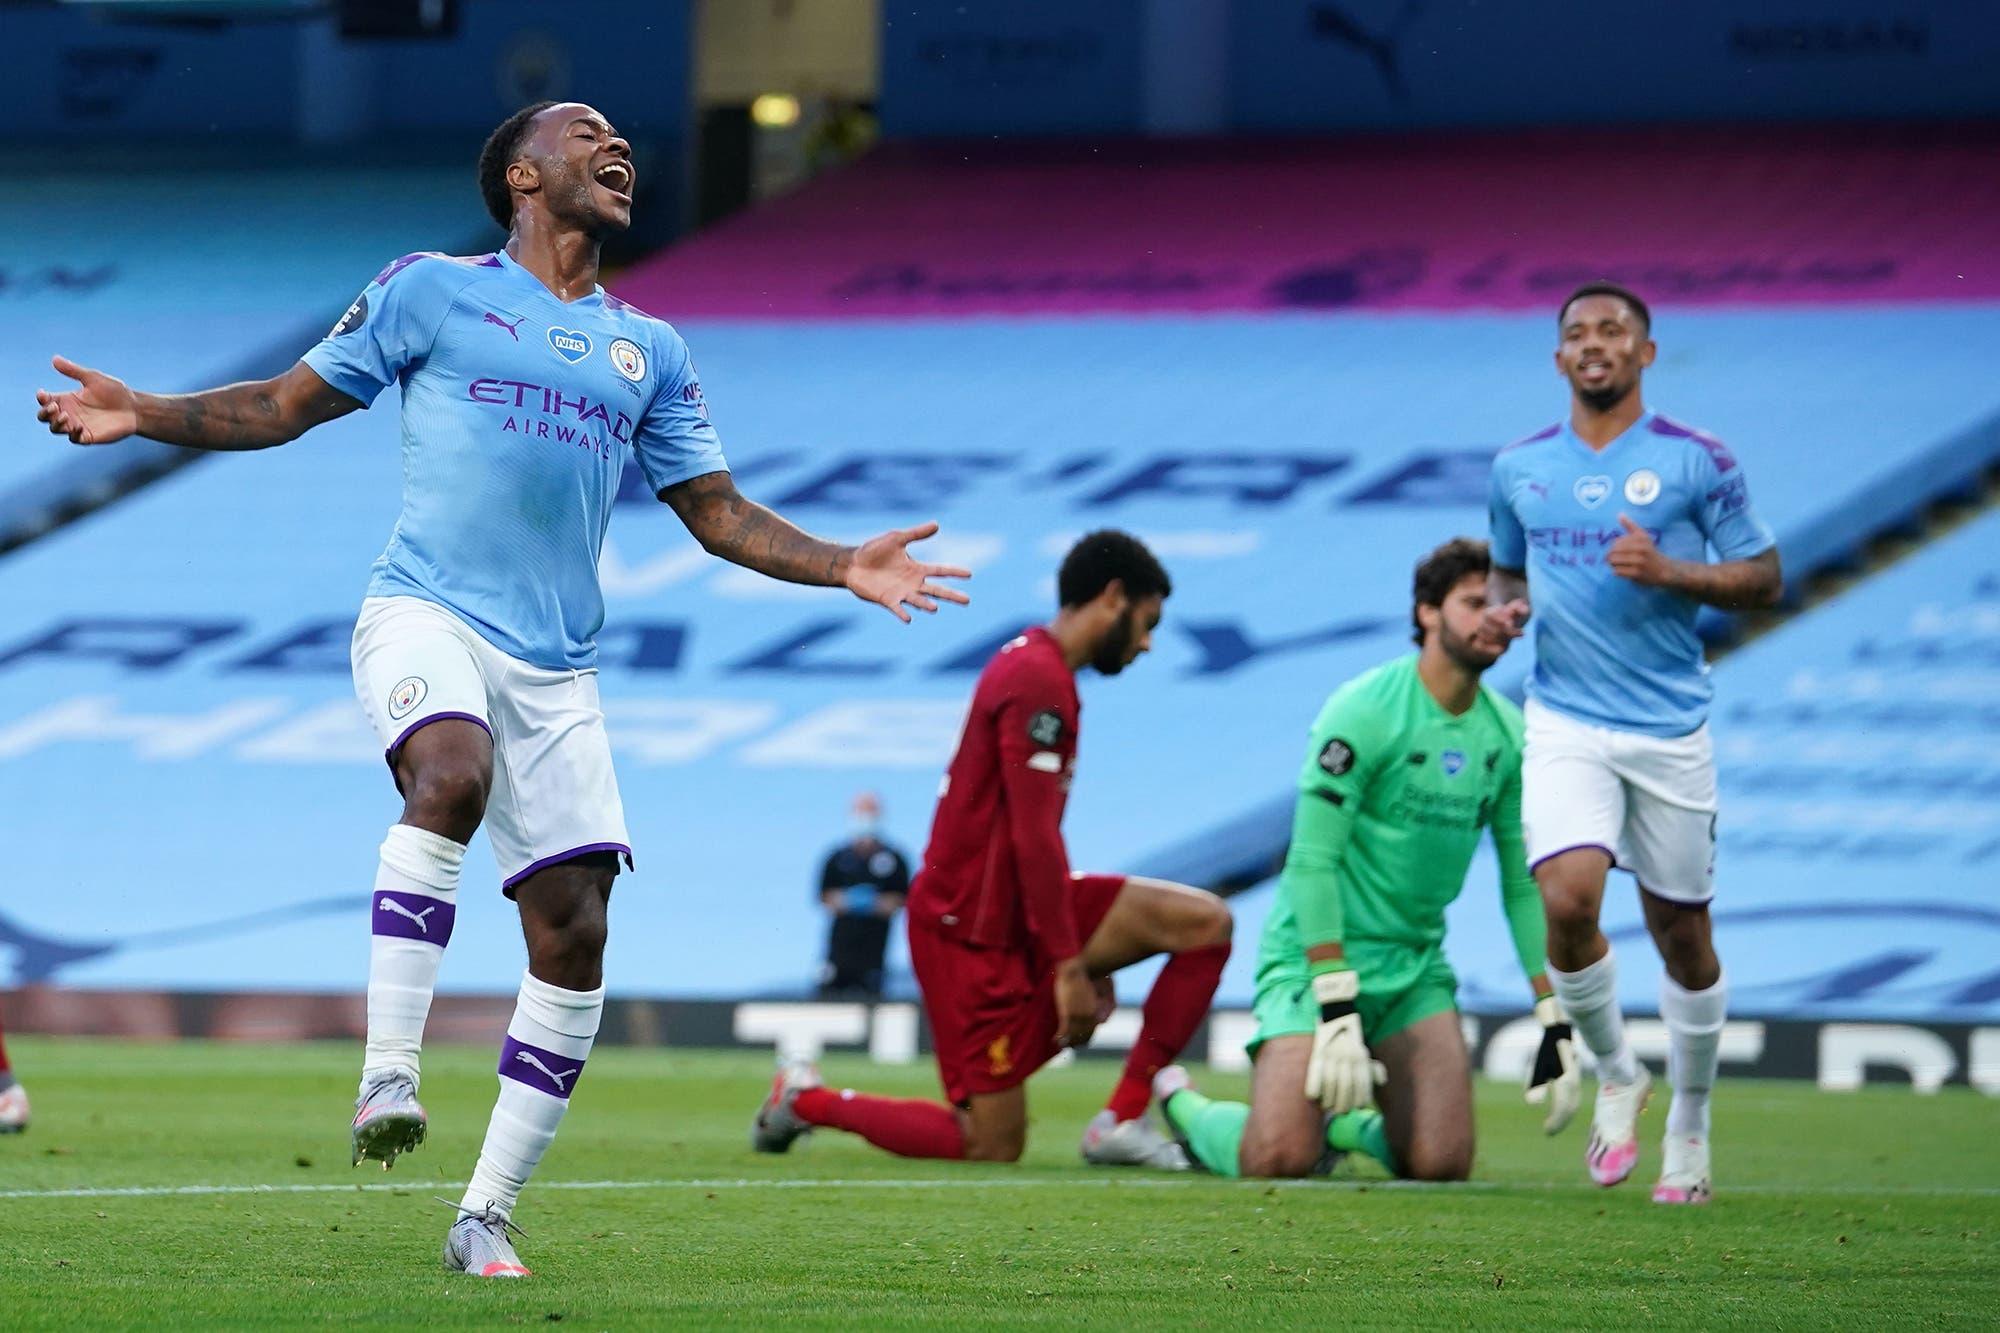 Una paliza: Manchester City goleó por 4-0 a Liverpool, el campeón, y se tomó una pequeña venganza en la Premier League